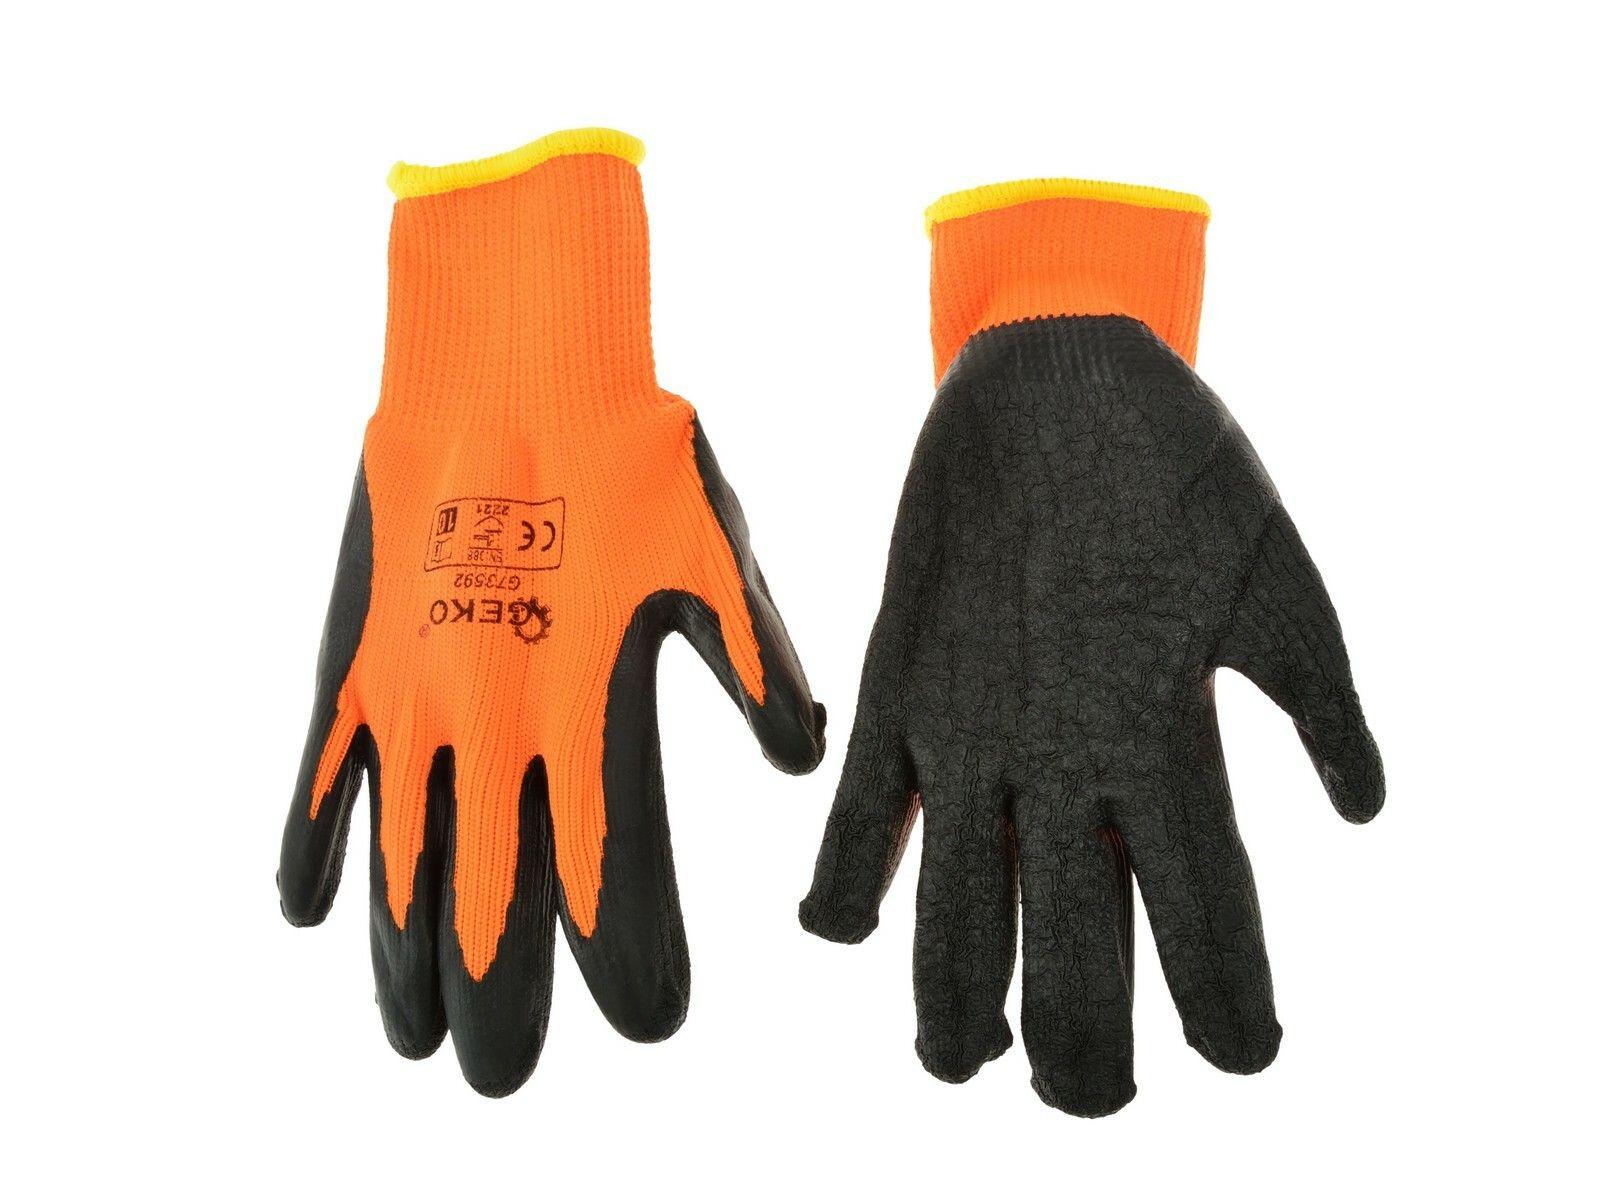 Pracovní zimní rukavice vel. 9 oranžové GEKO